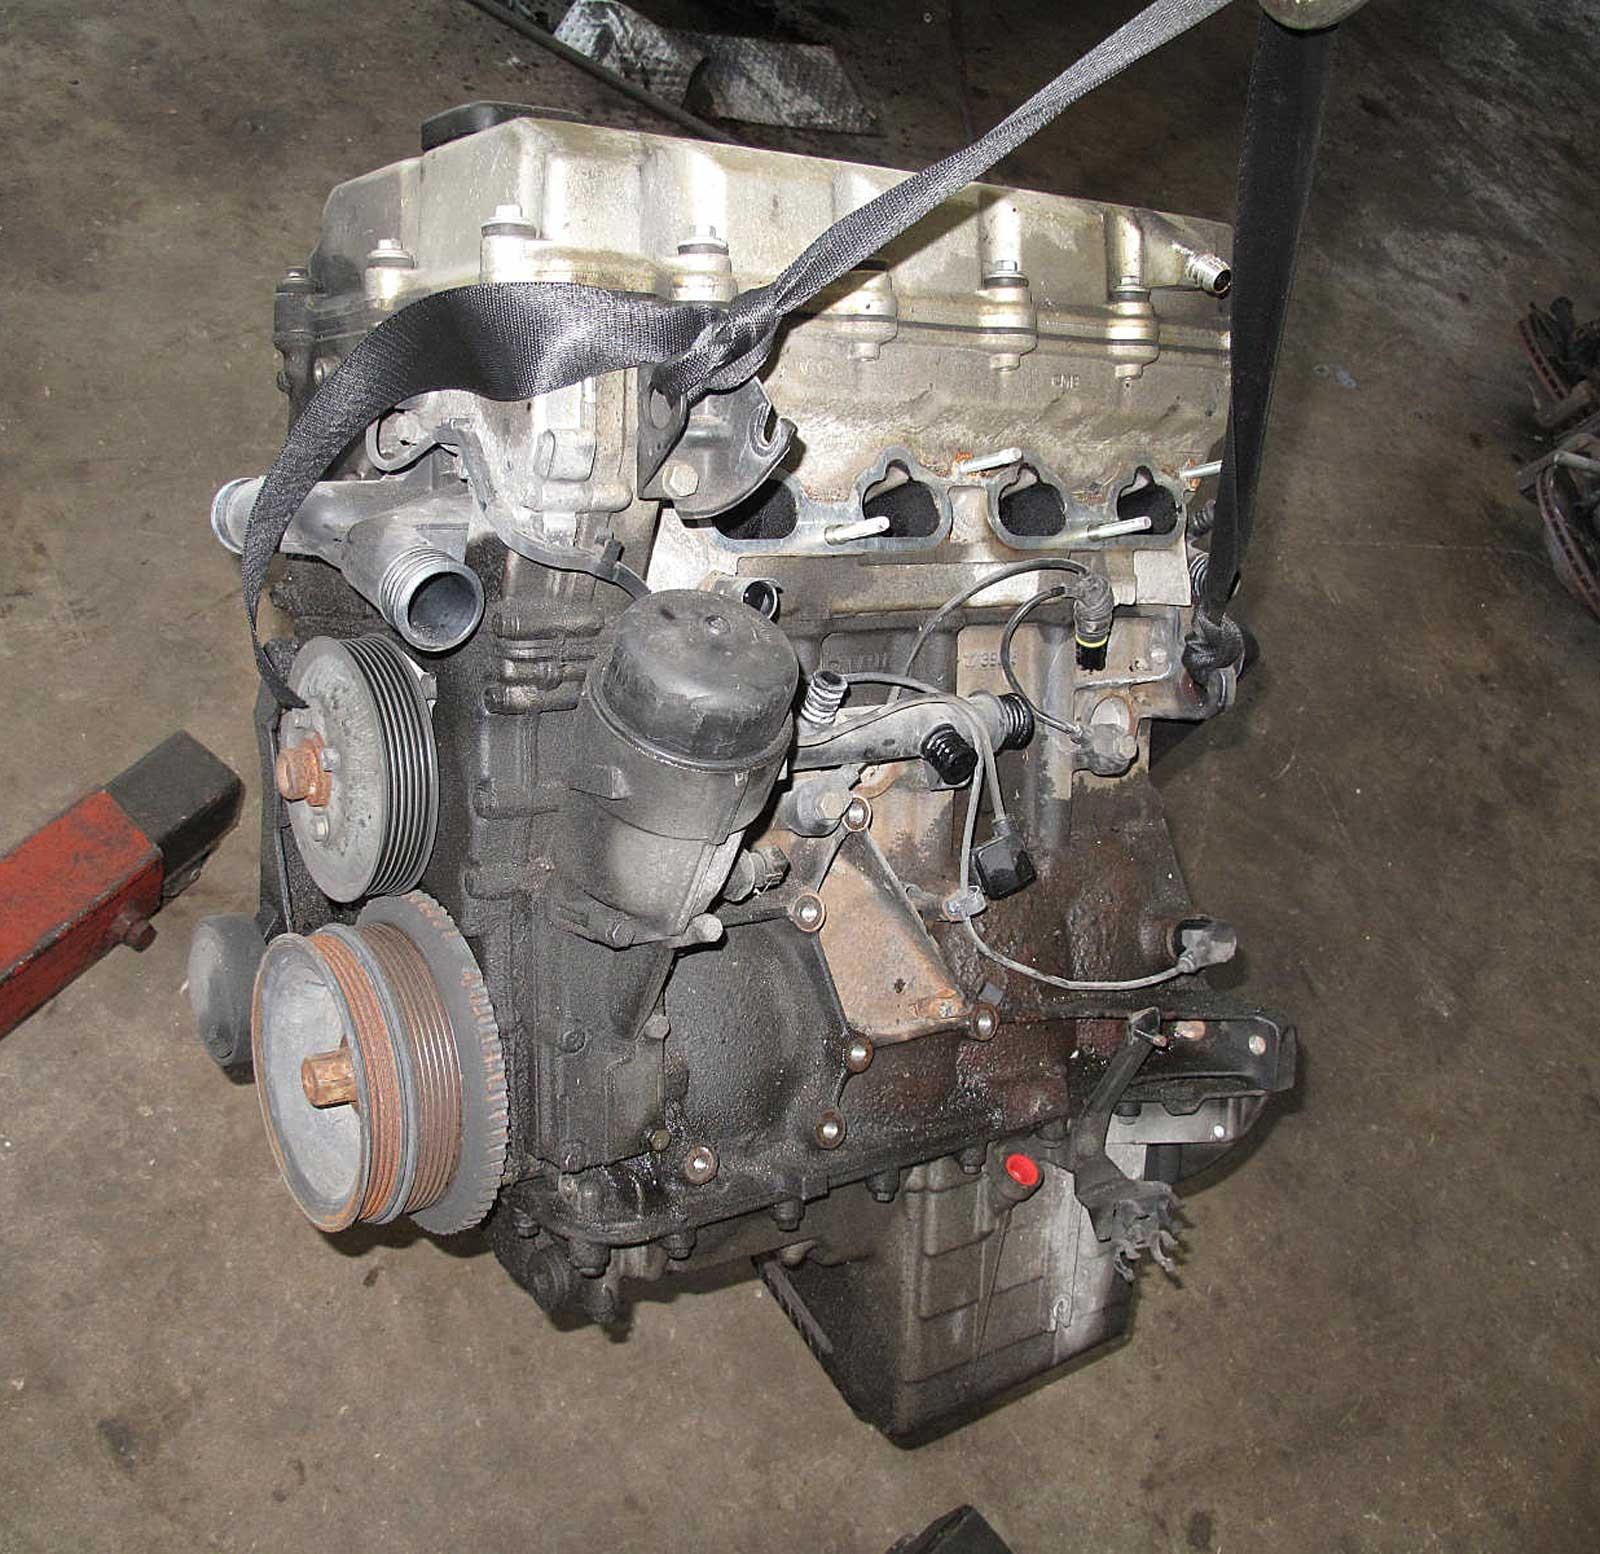 e46 318i engine diagram car 1991 bmw 318is engine diagram bmw 318i rh  detoxicrecenze com